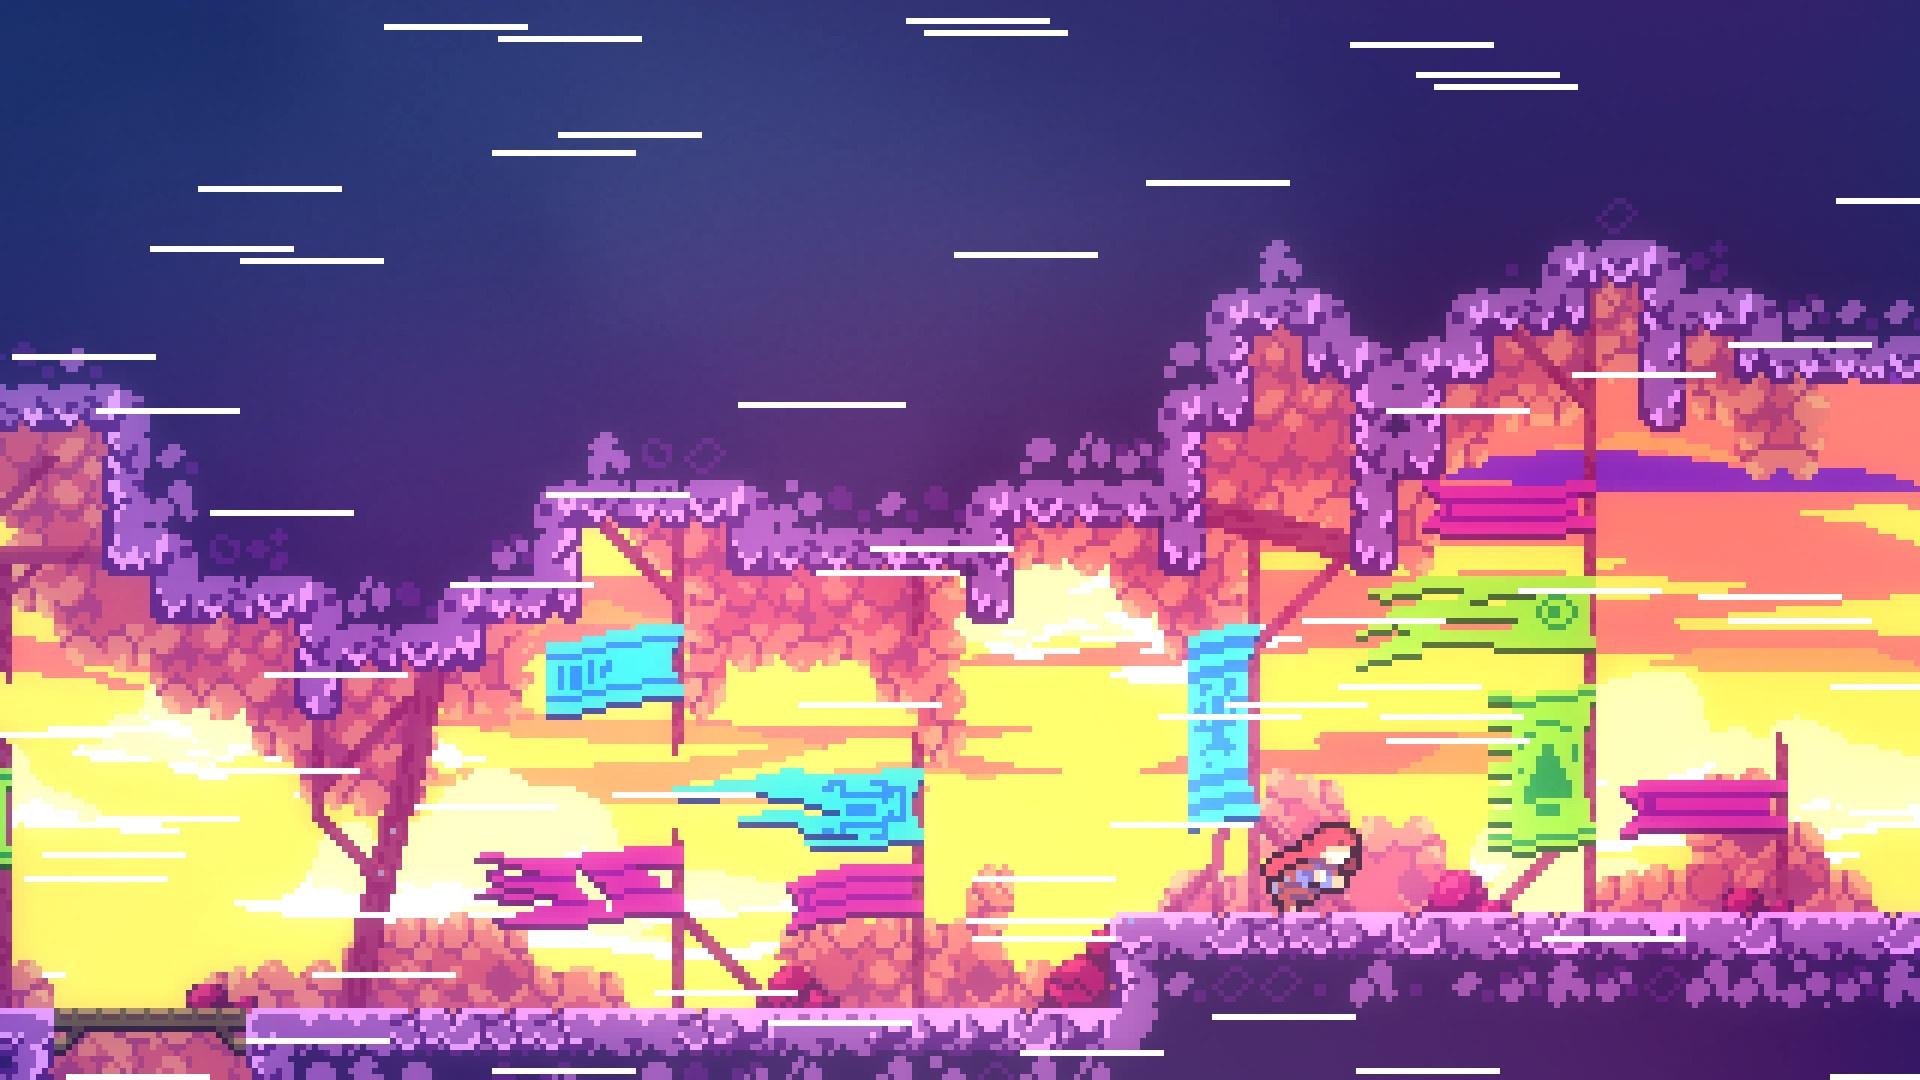 game pixel art 8/16 bit